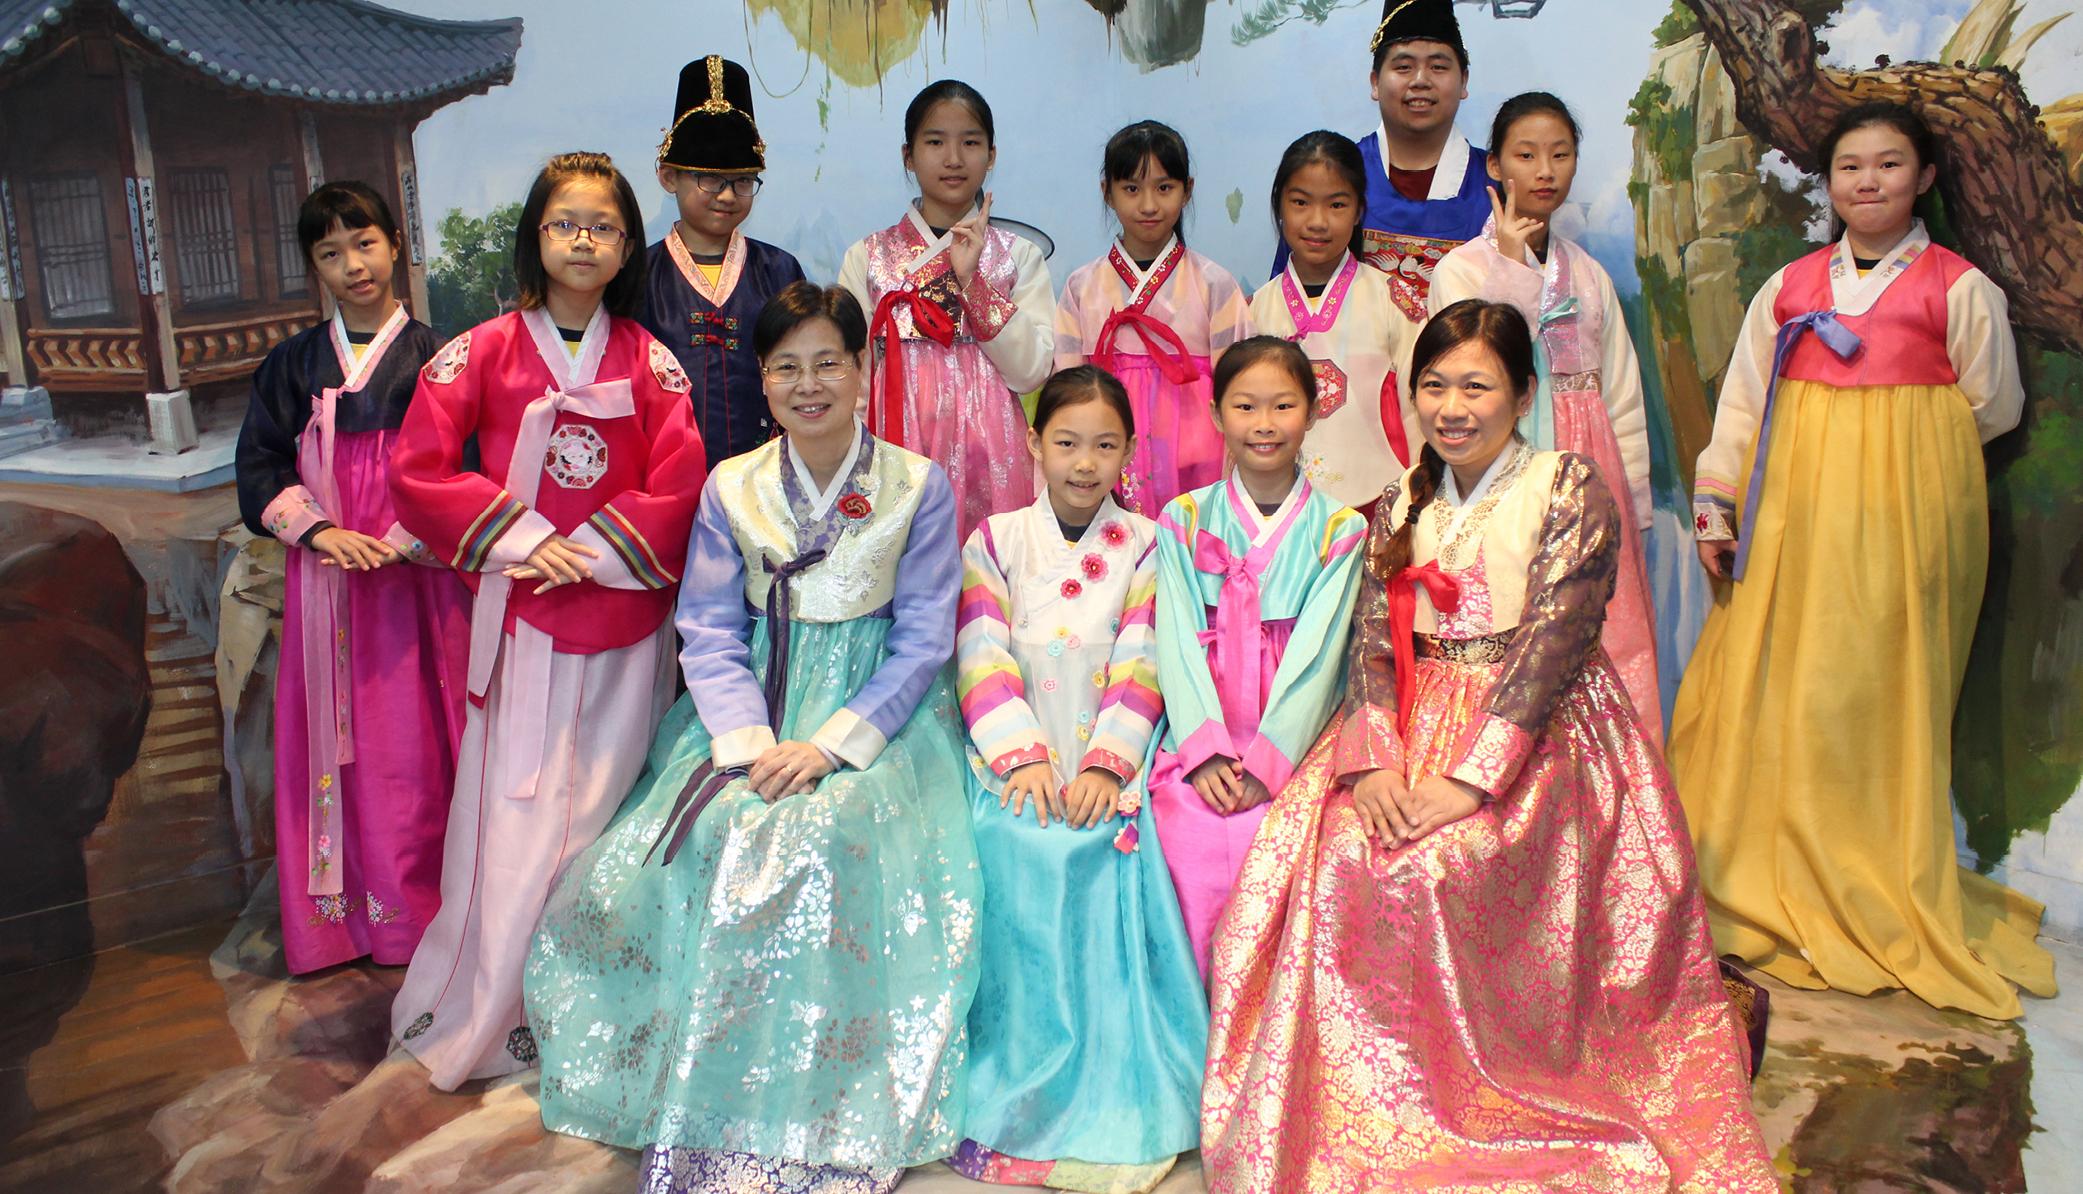 教育傳媒:韓國科技及文化交流之旅,讓學生體驗當地風土人情。